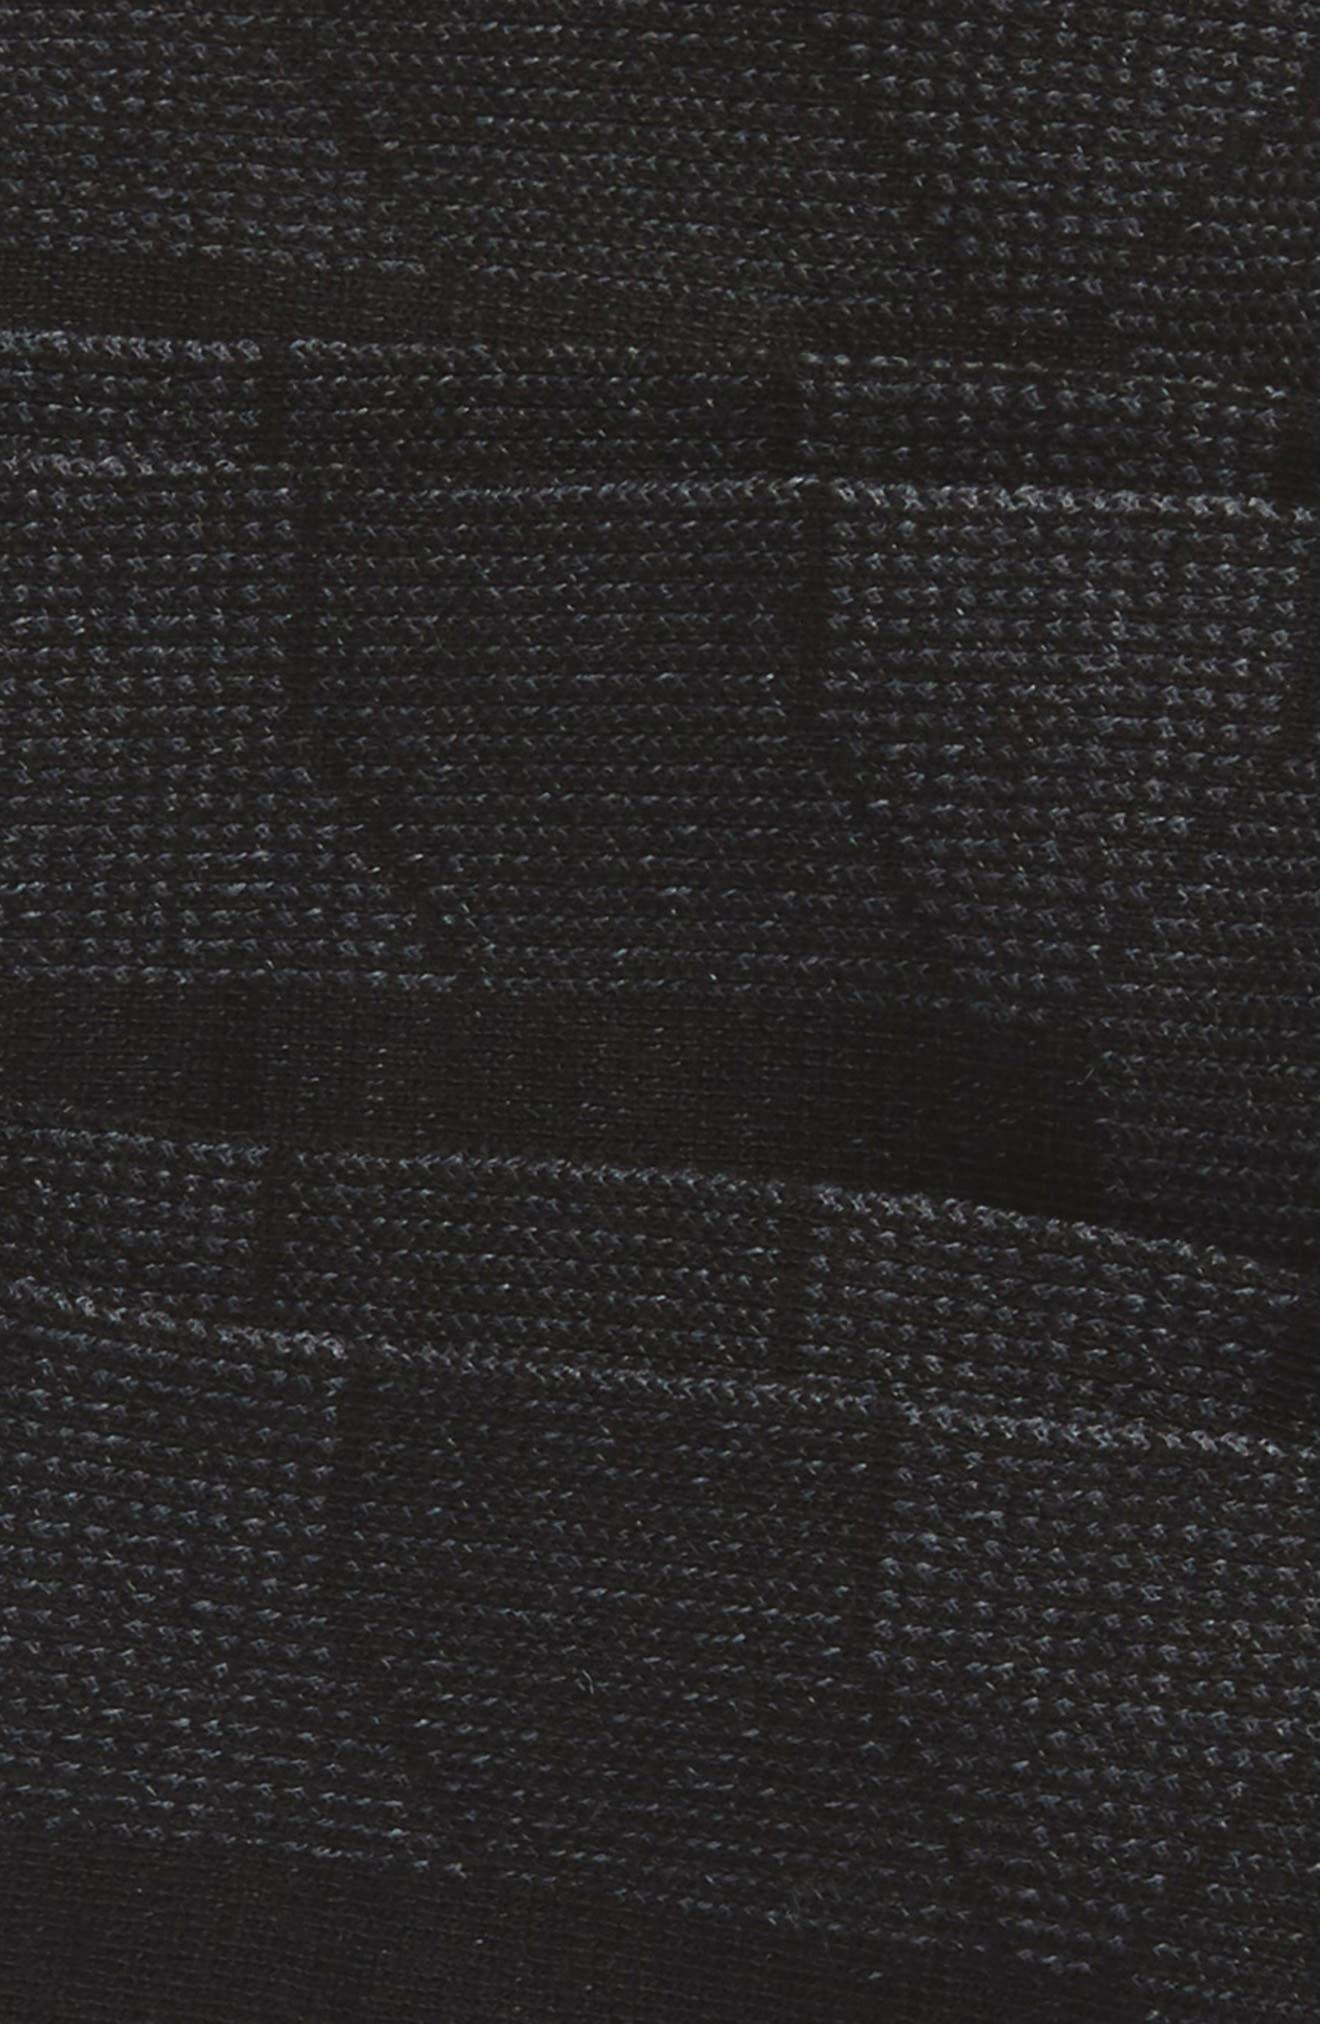 Prime Mesh I 3-Pack Socks,                             Alternate thumbnail 2, color,                             001